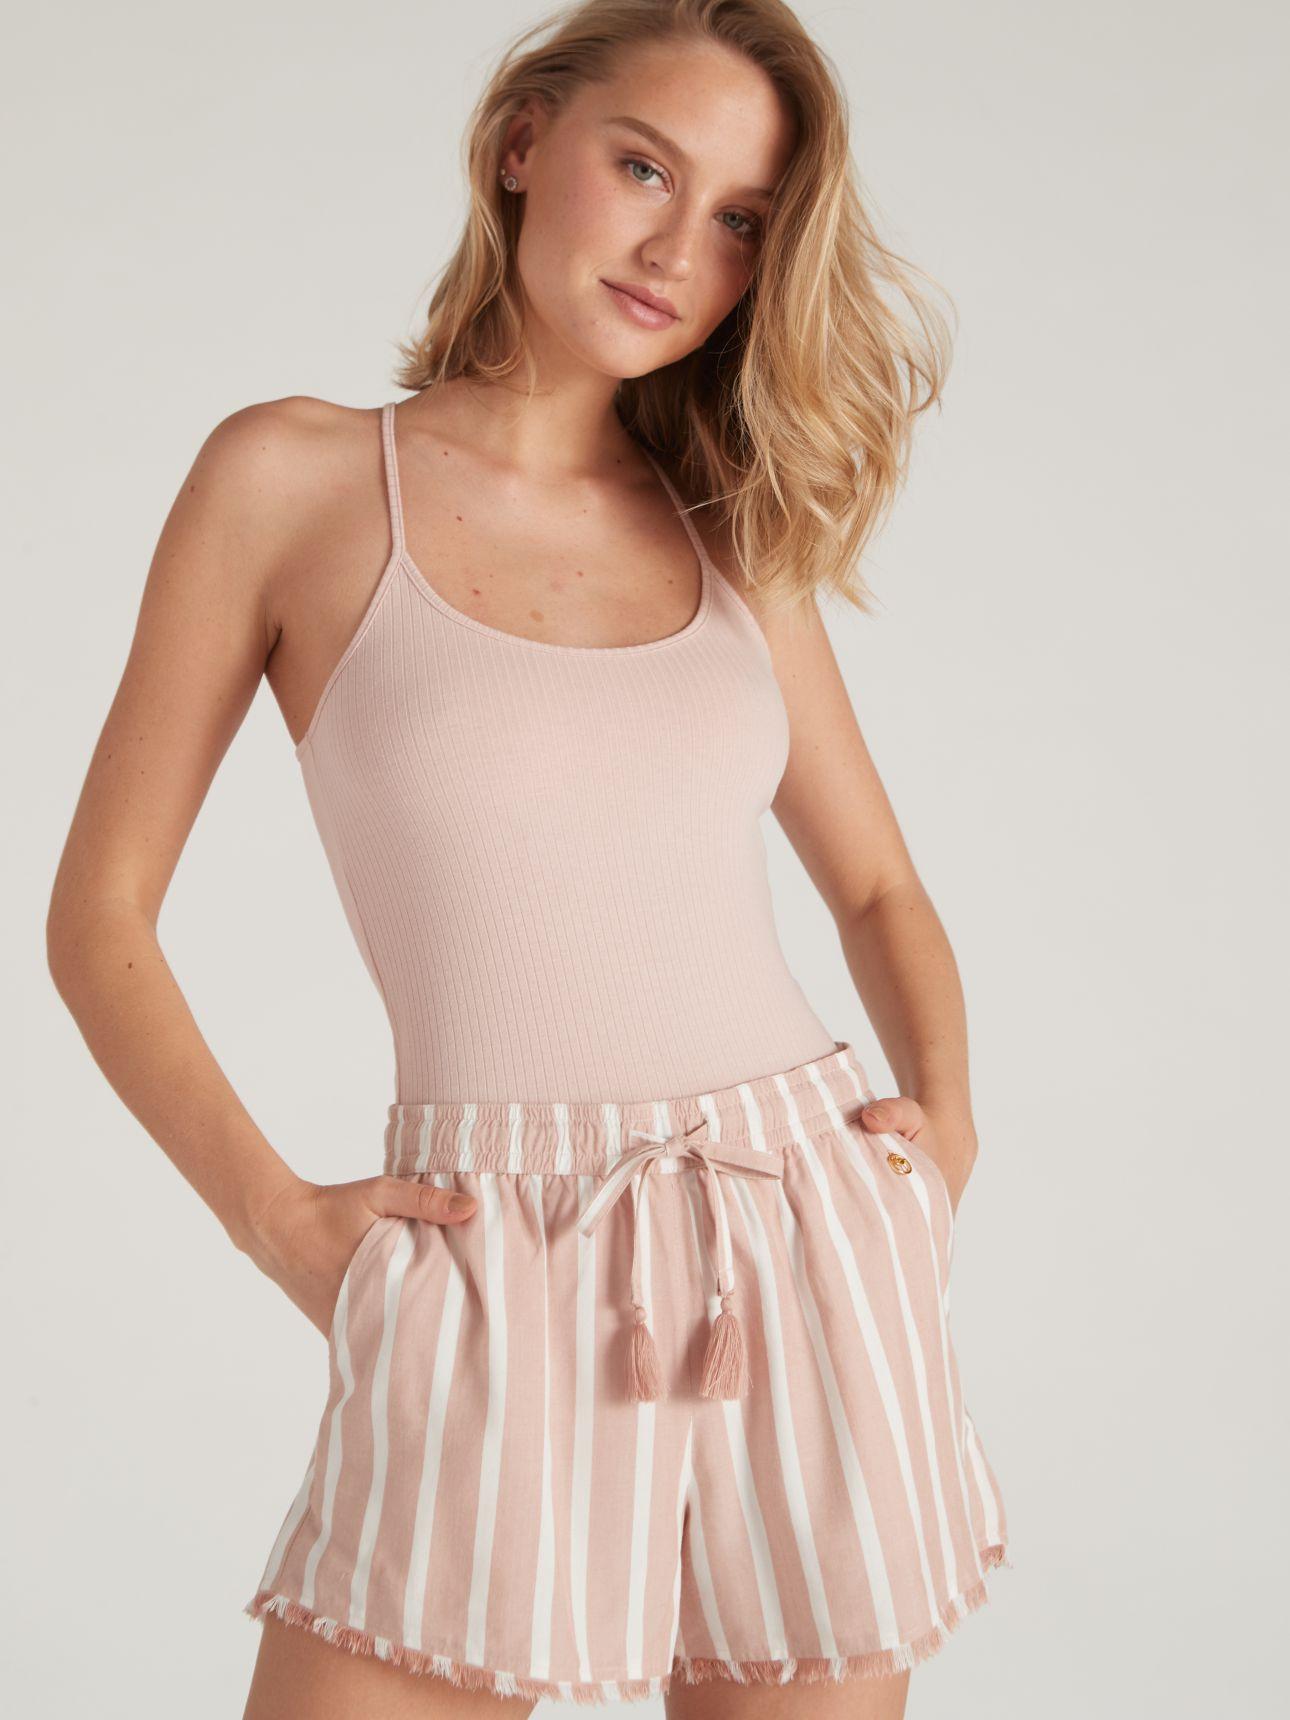 מכנסיים קצרים עם פסים וגימור פרנזים LAYLI בצבע ורוד עתיק